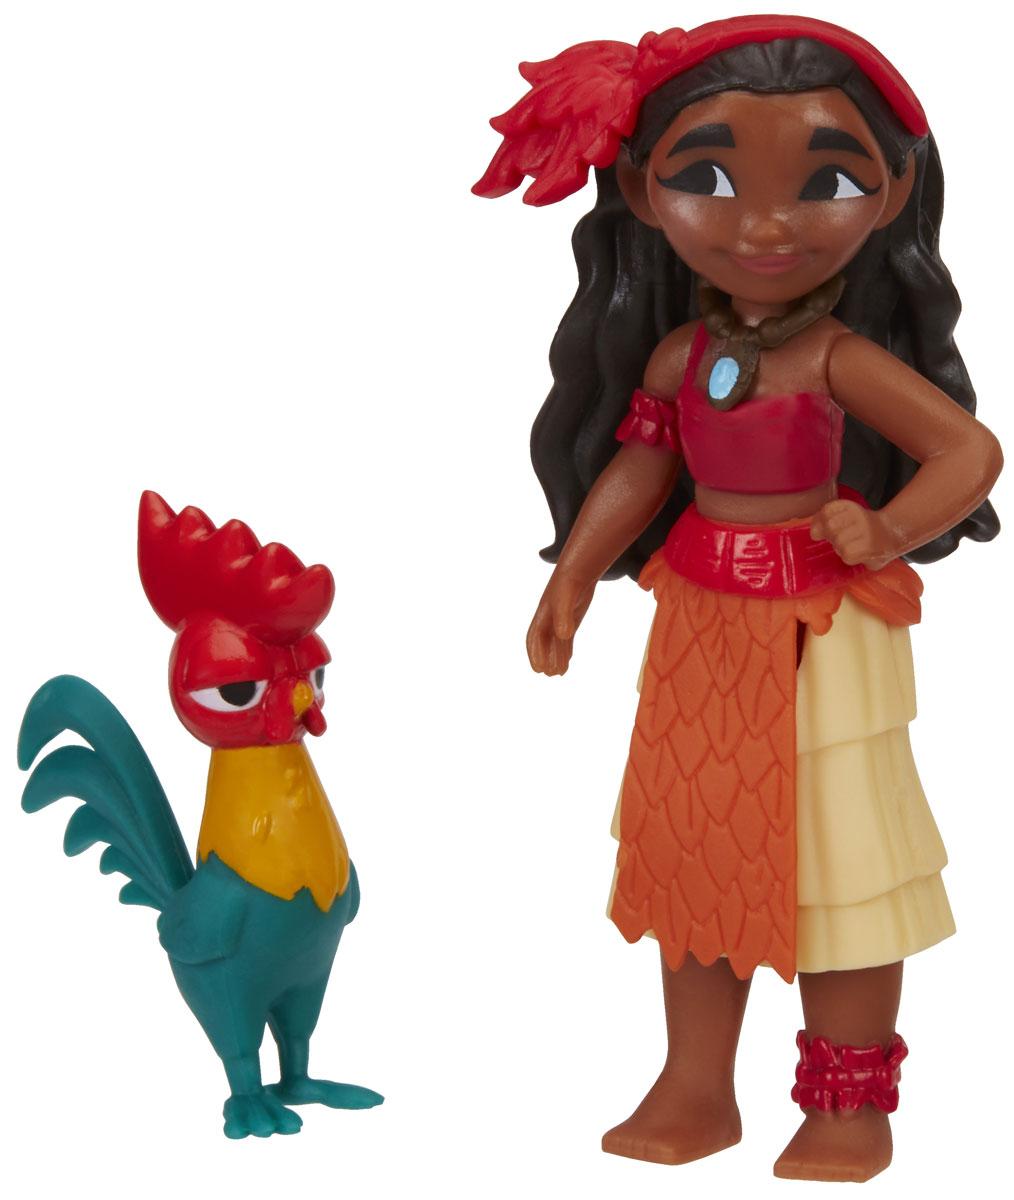 Disney Moana Набор фигурок Моана и Хей-ХейB8298EU4_В9174Набор фигурок Disney Moana включает в себя Моану и петуха Хей-Хей. Фигурки выполнены из высококачественного и безопасного для ребенка материала. Моана - главная героиня мультфильма, 14-летняя дочь вождя, любит океан и все, что с ним связано, храбрая и отважная. Хей-Хей - глупый до смешного петух со смотрящими в разные стороны глазами. Моана - мультфильм от создателей всемирно известного анимационного мультфильма Холодное сердце, премьера которого ожидается 1 декабря 2016 года. С фигурками по мотивам этого мультфильма ребенок сможет затеять увлекательную сюжетно-ролевую игру, или придумывать собственные, уникальные истории.